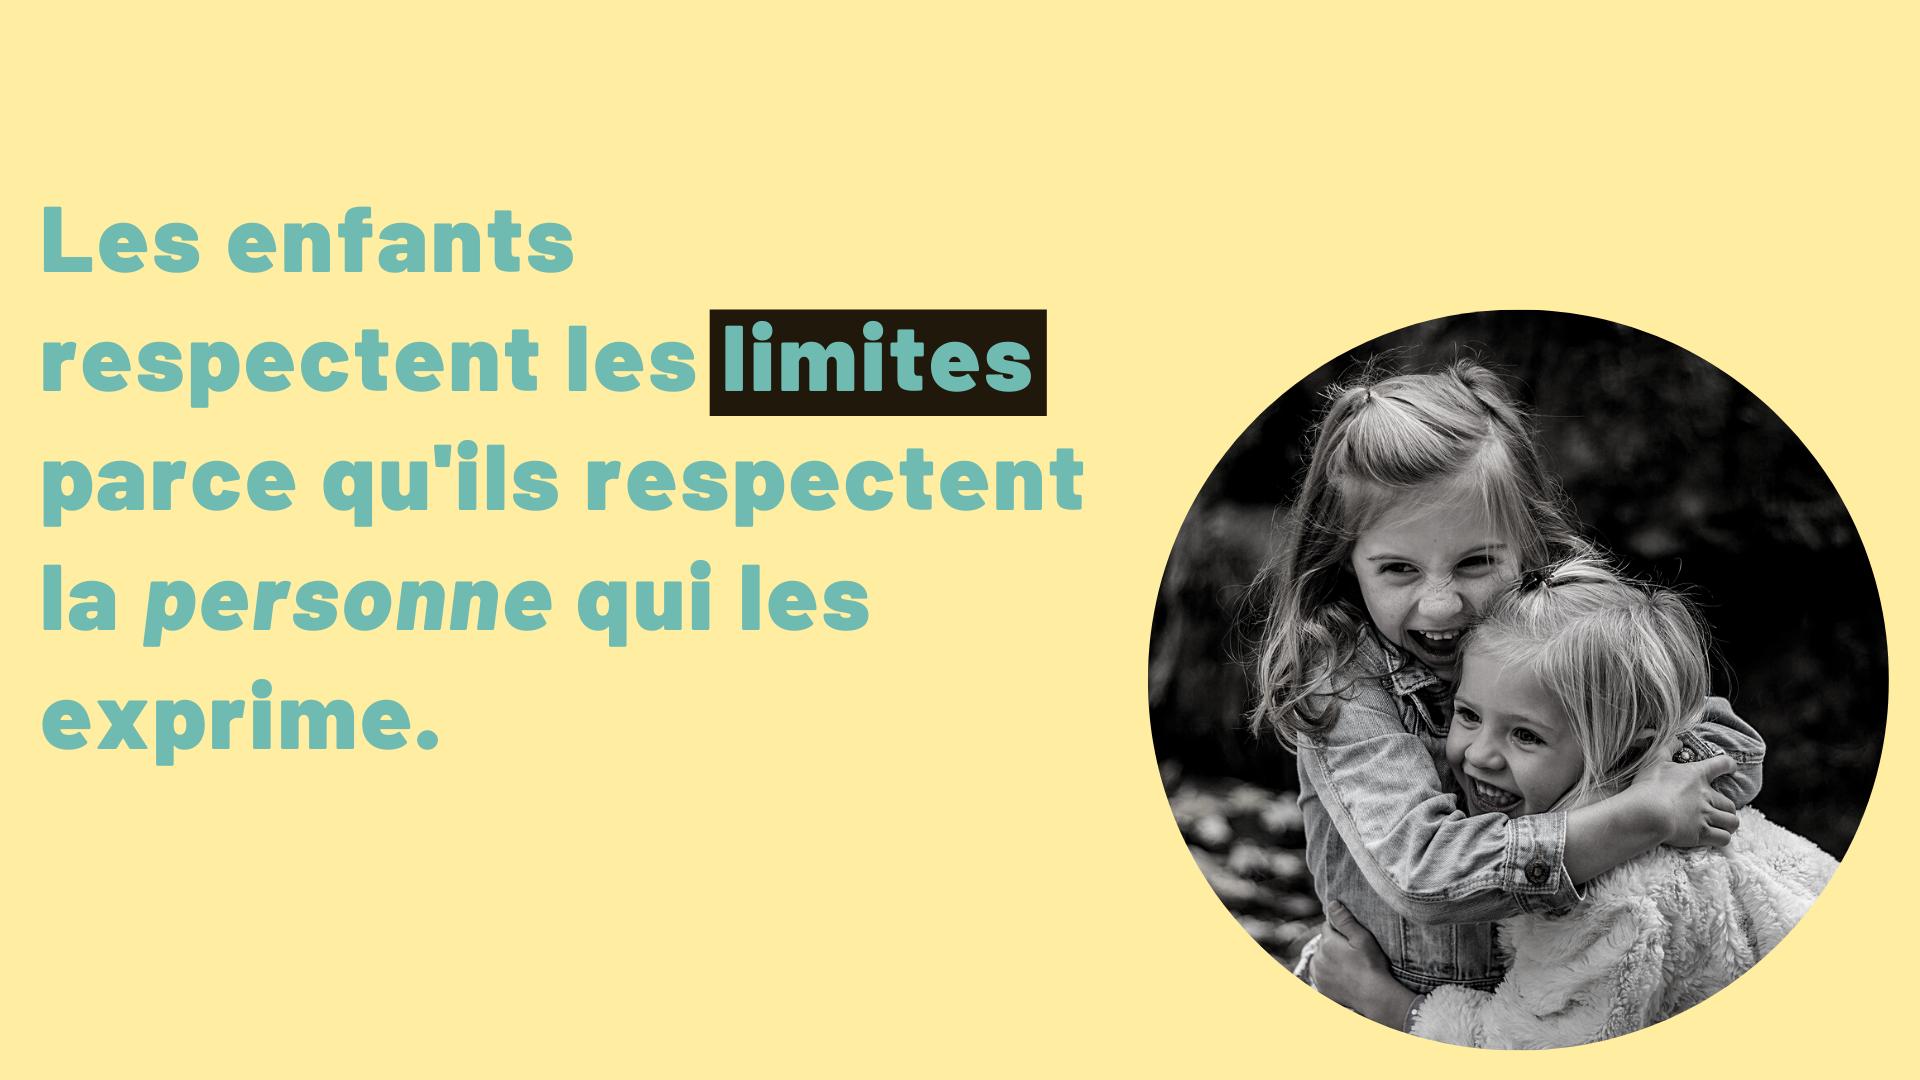 Les enfants respectent les limites parce qu'ils respectent la personne qui les exprime.